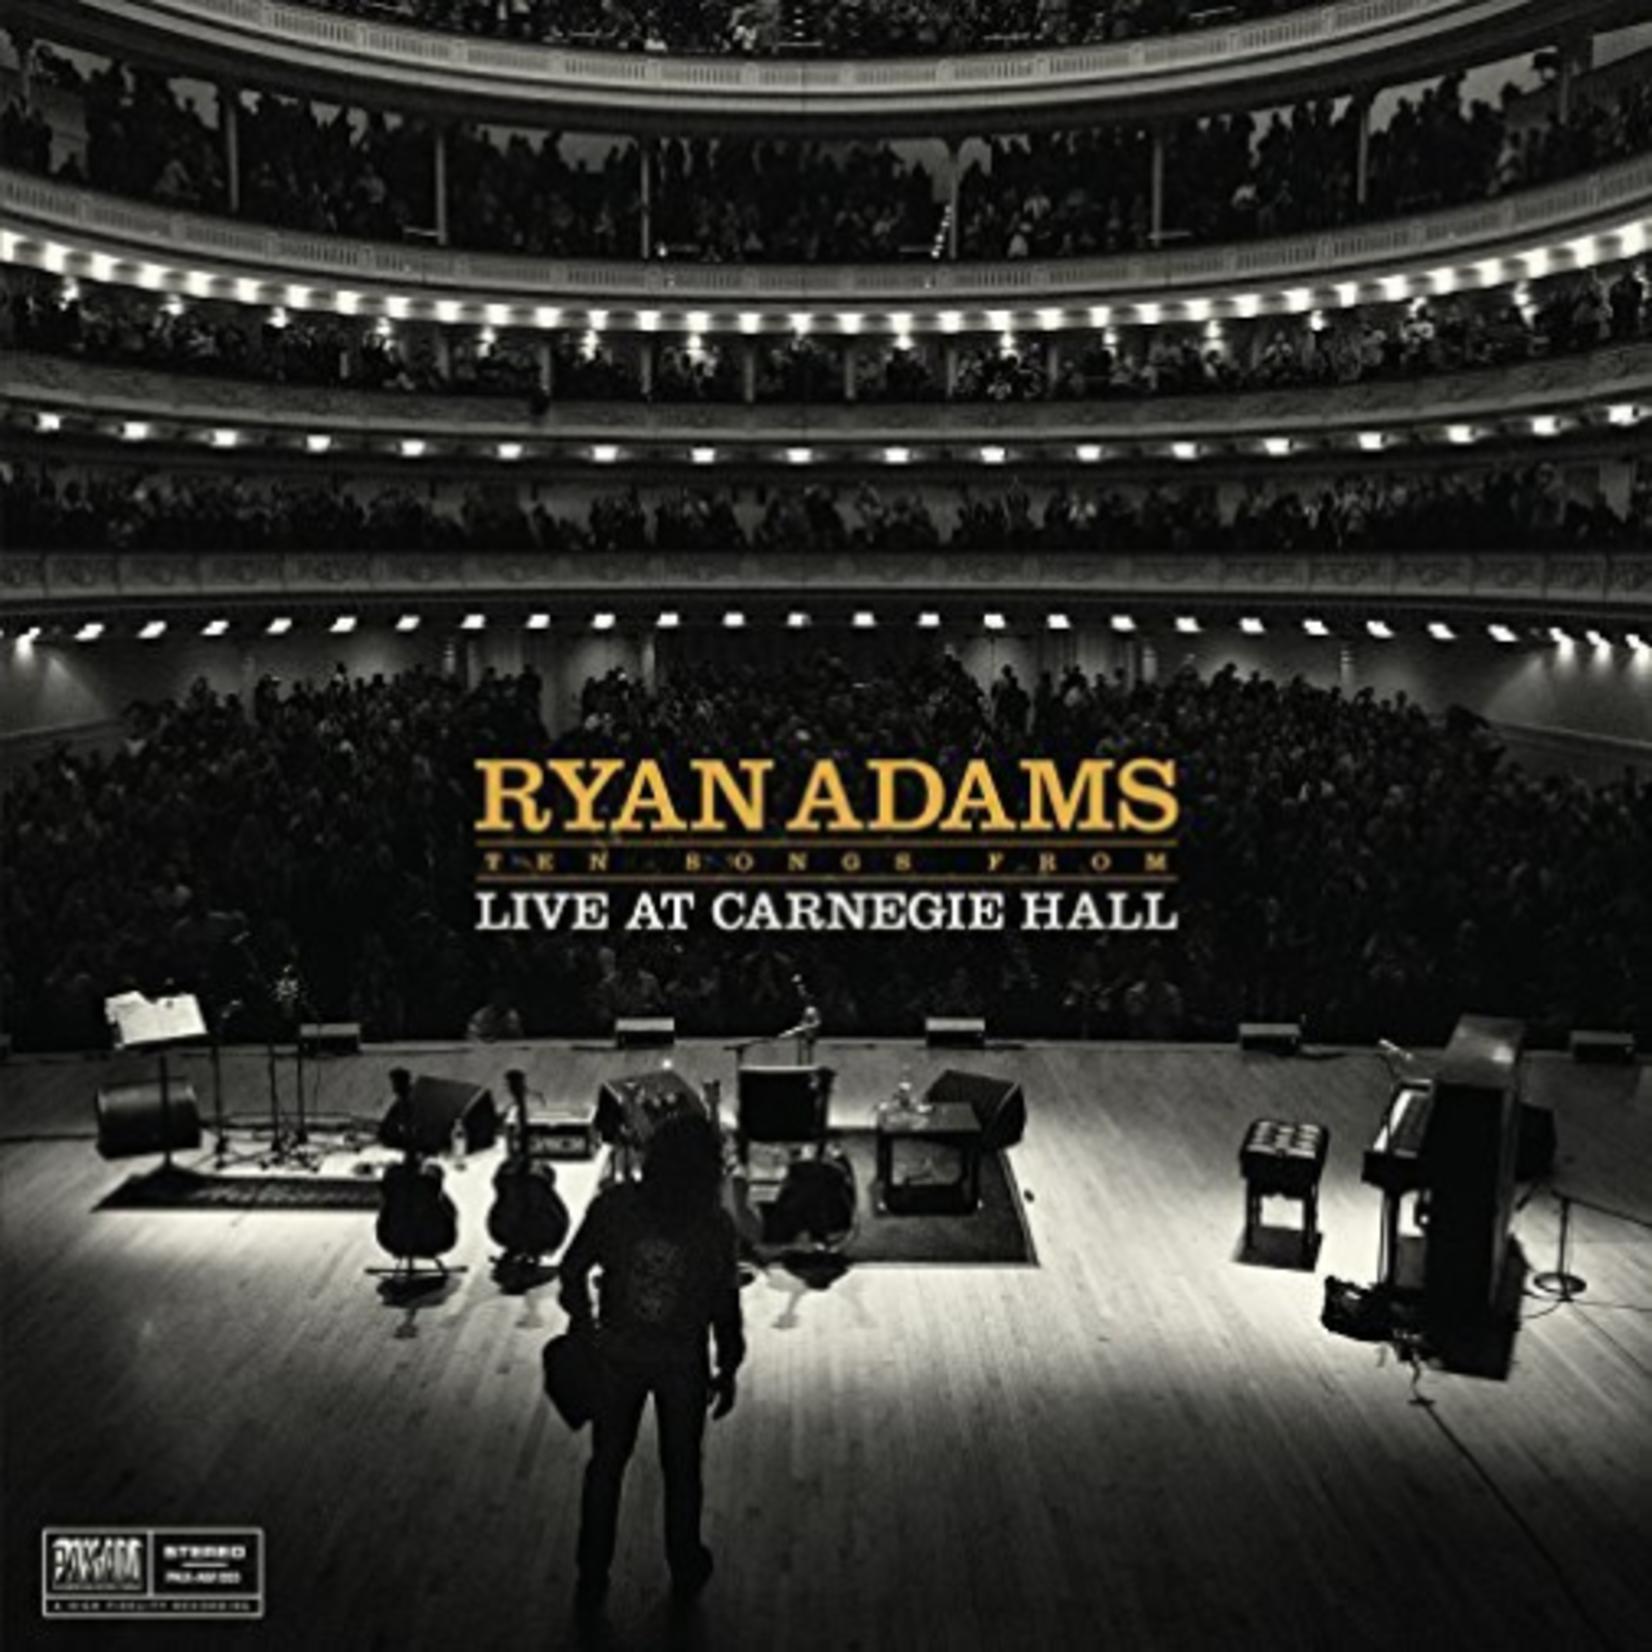 RYAN ADAMS 803343213522